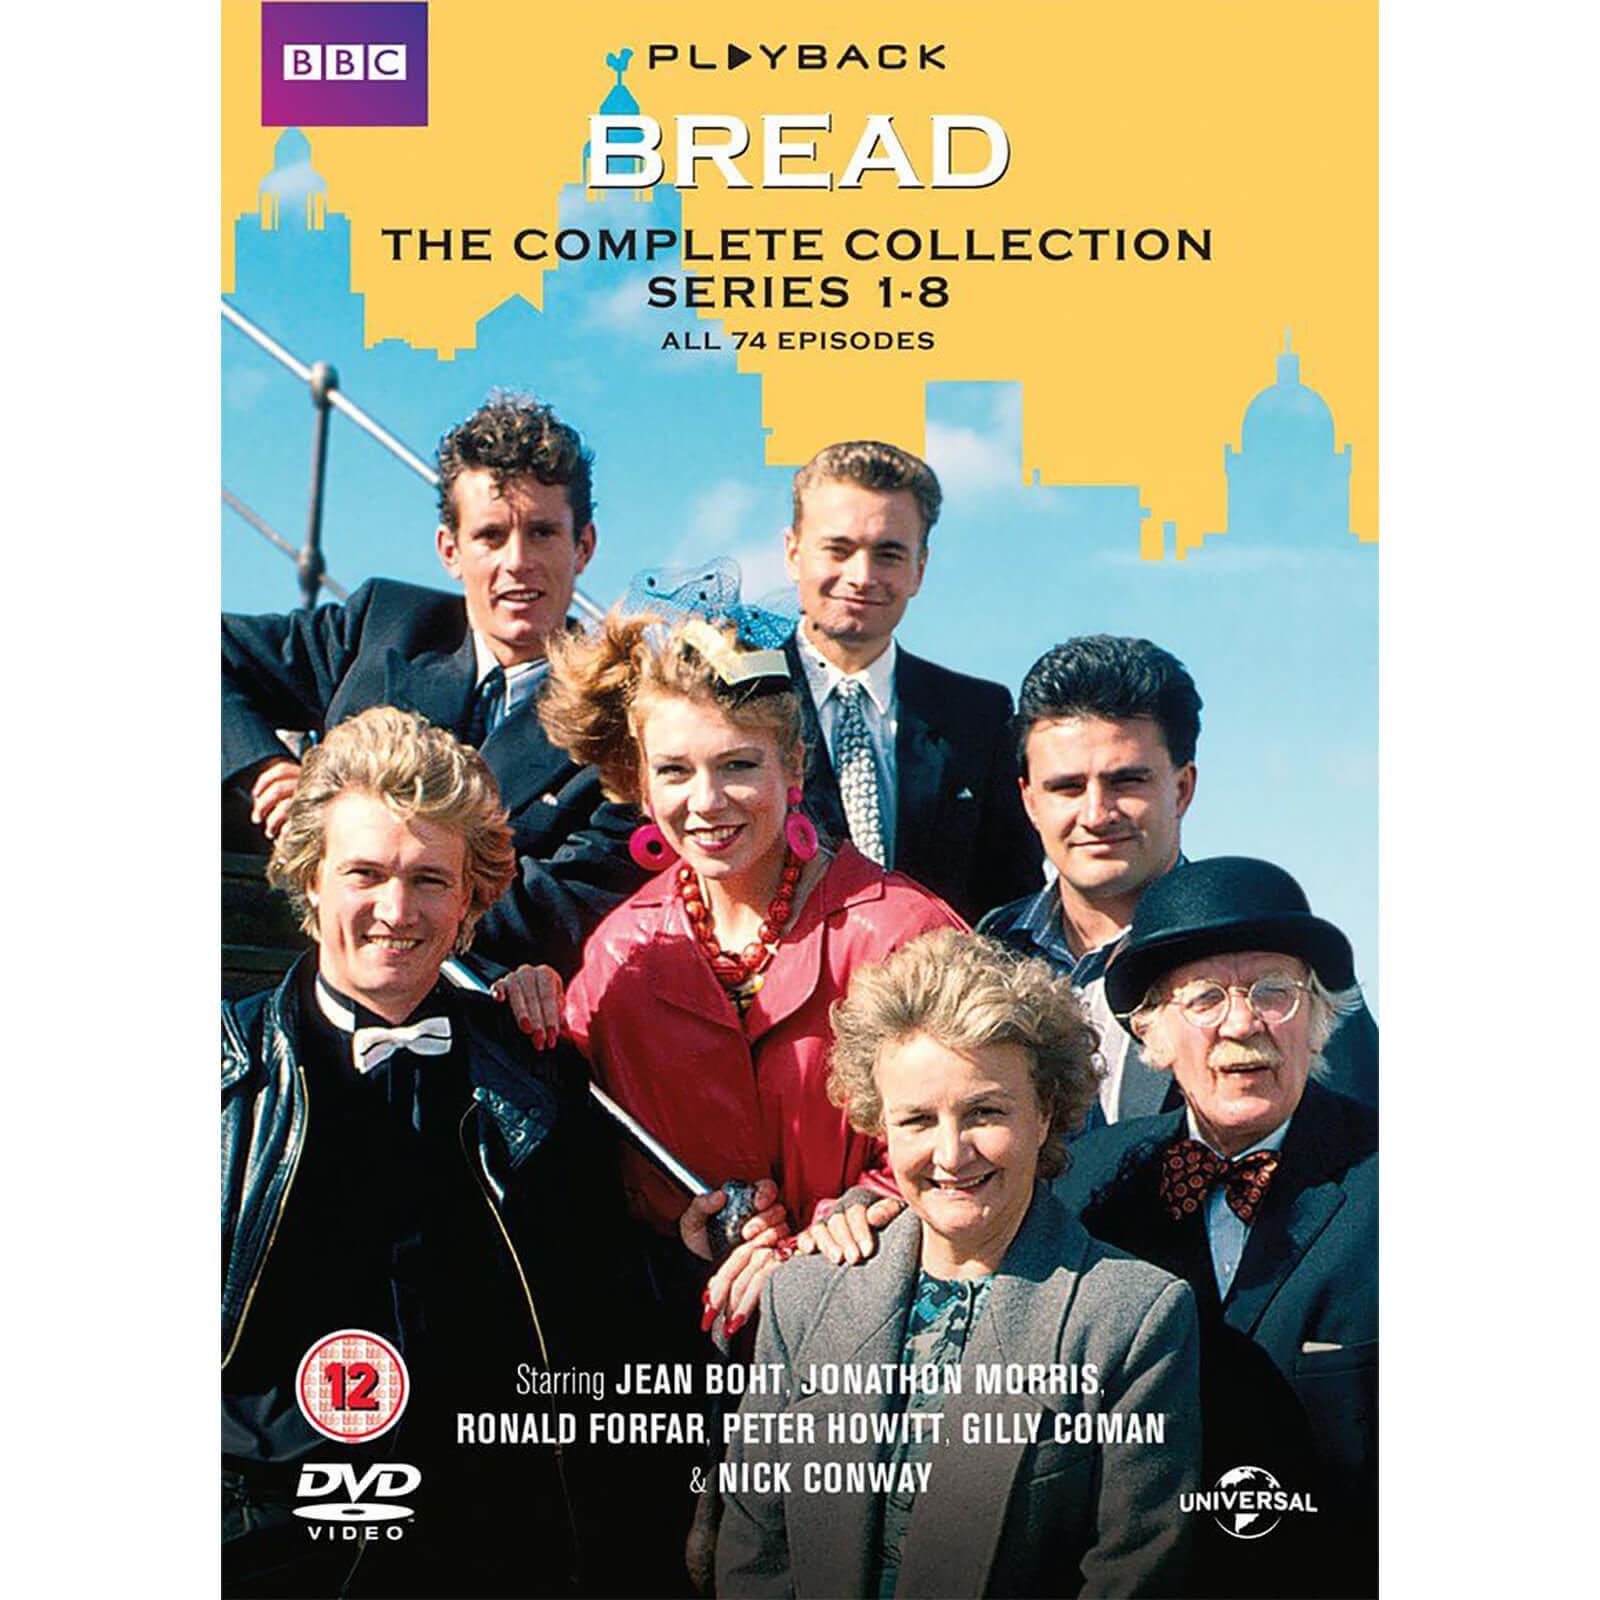 BBC Bread - The Complete Box Set